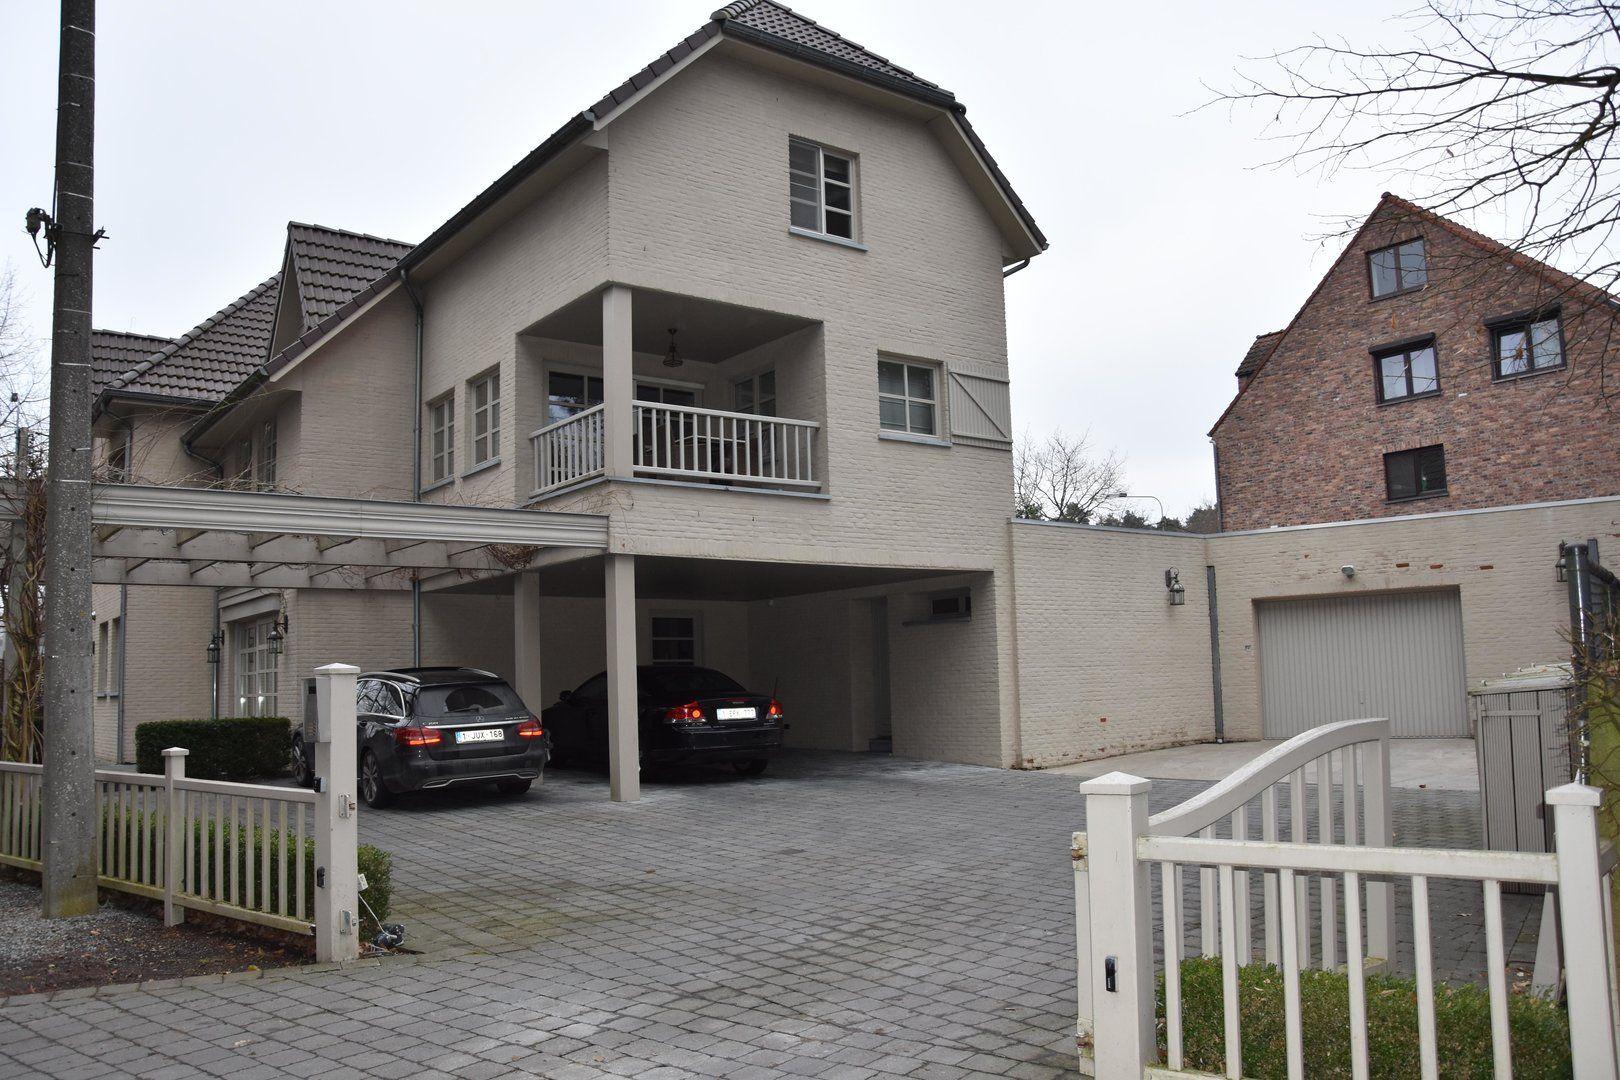 Huis te koop : Hasseltweg 507, 3600 Genk op Realo